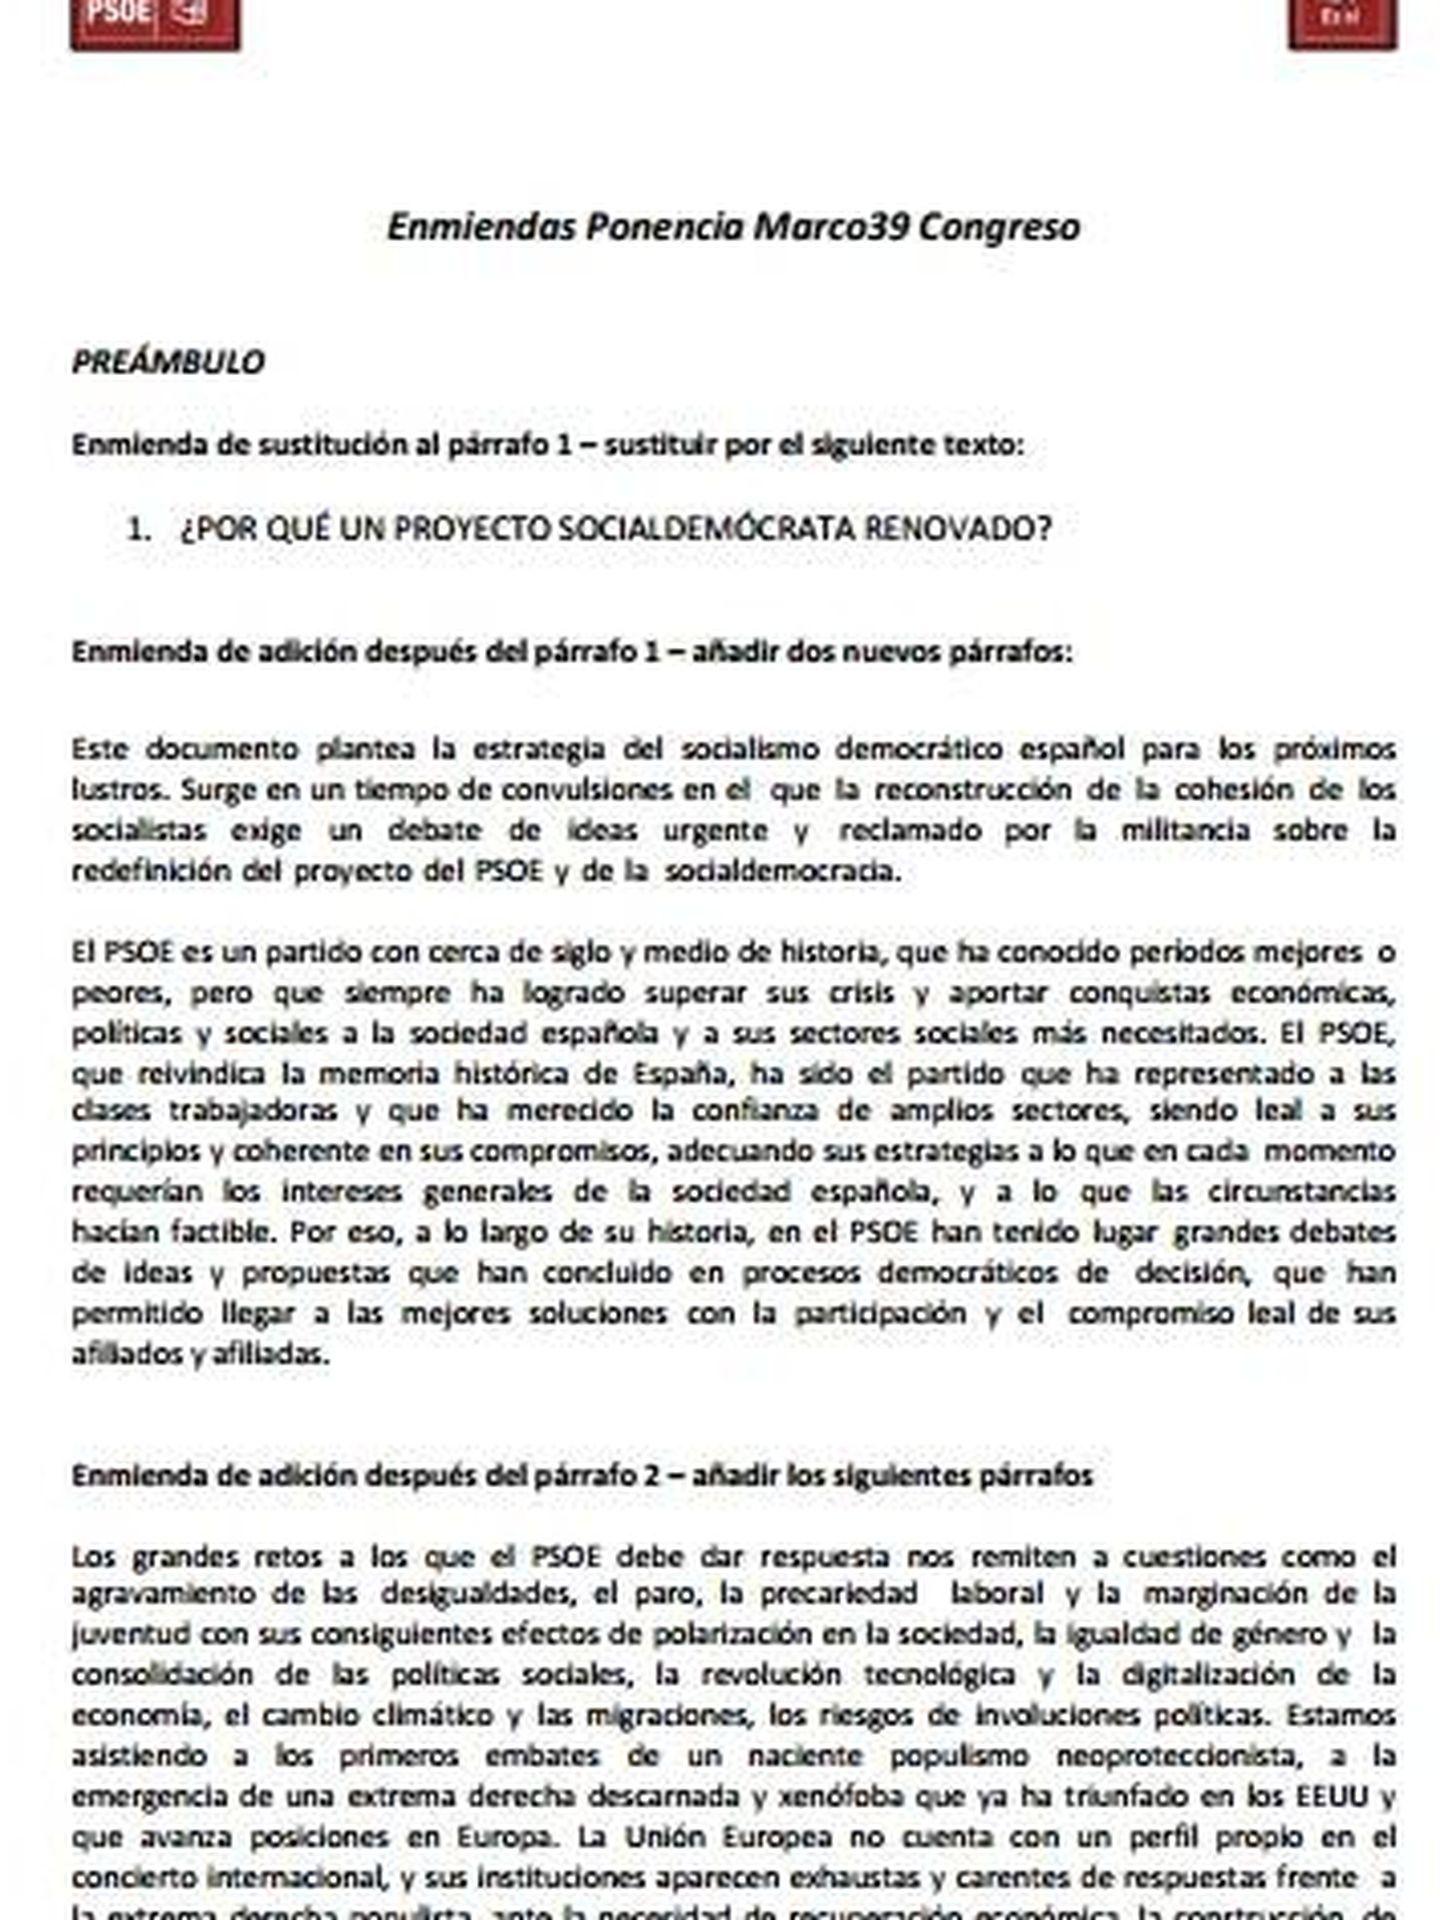 Consulta en PDF las enmiendas de Pedro Sánchez a la ponencia marco impulsada por la gestora del PSOE. (EC)